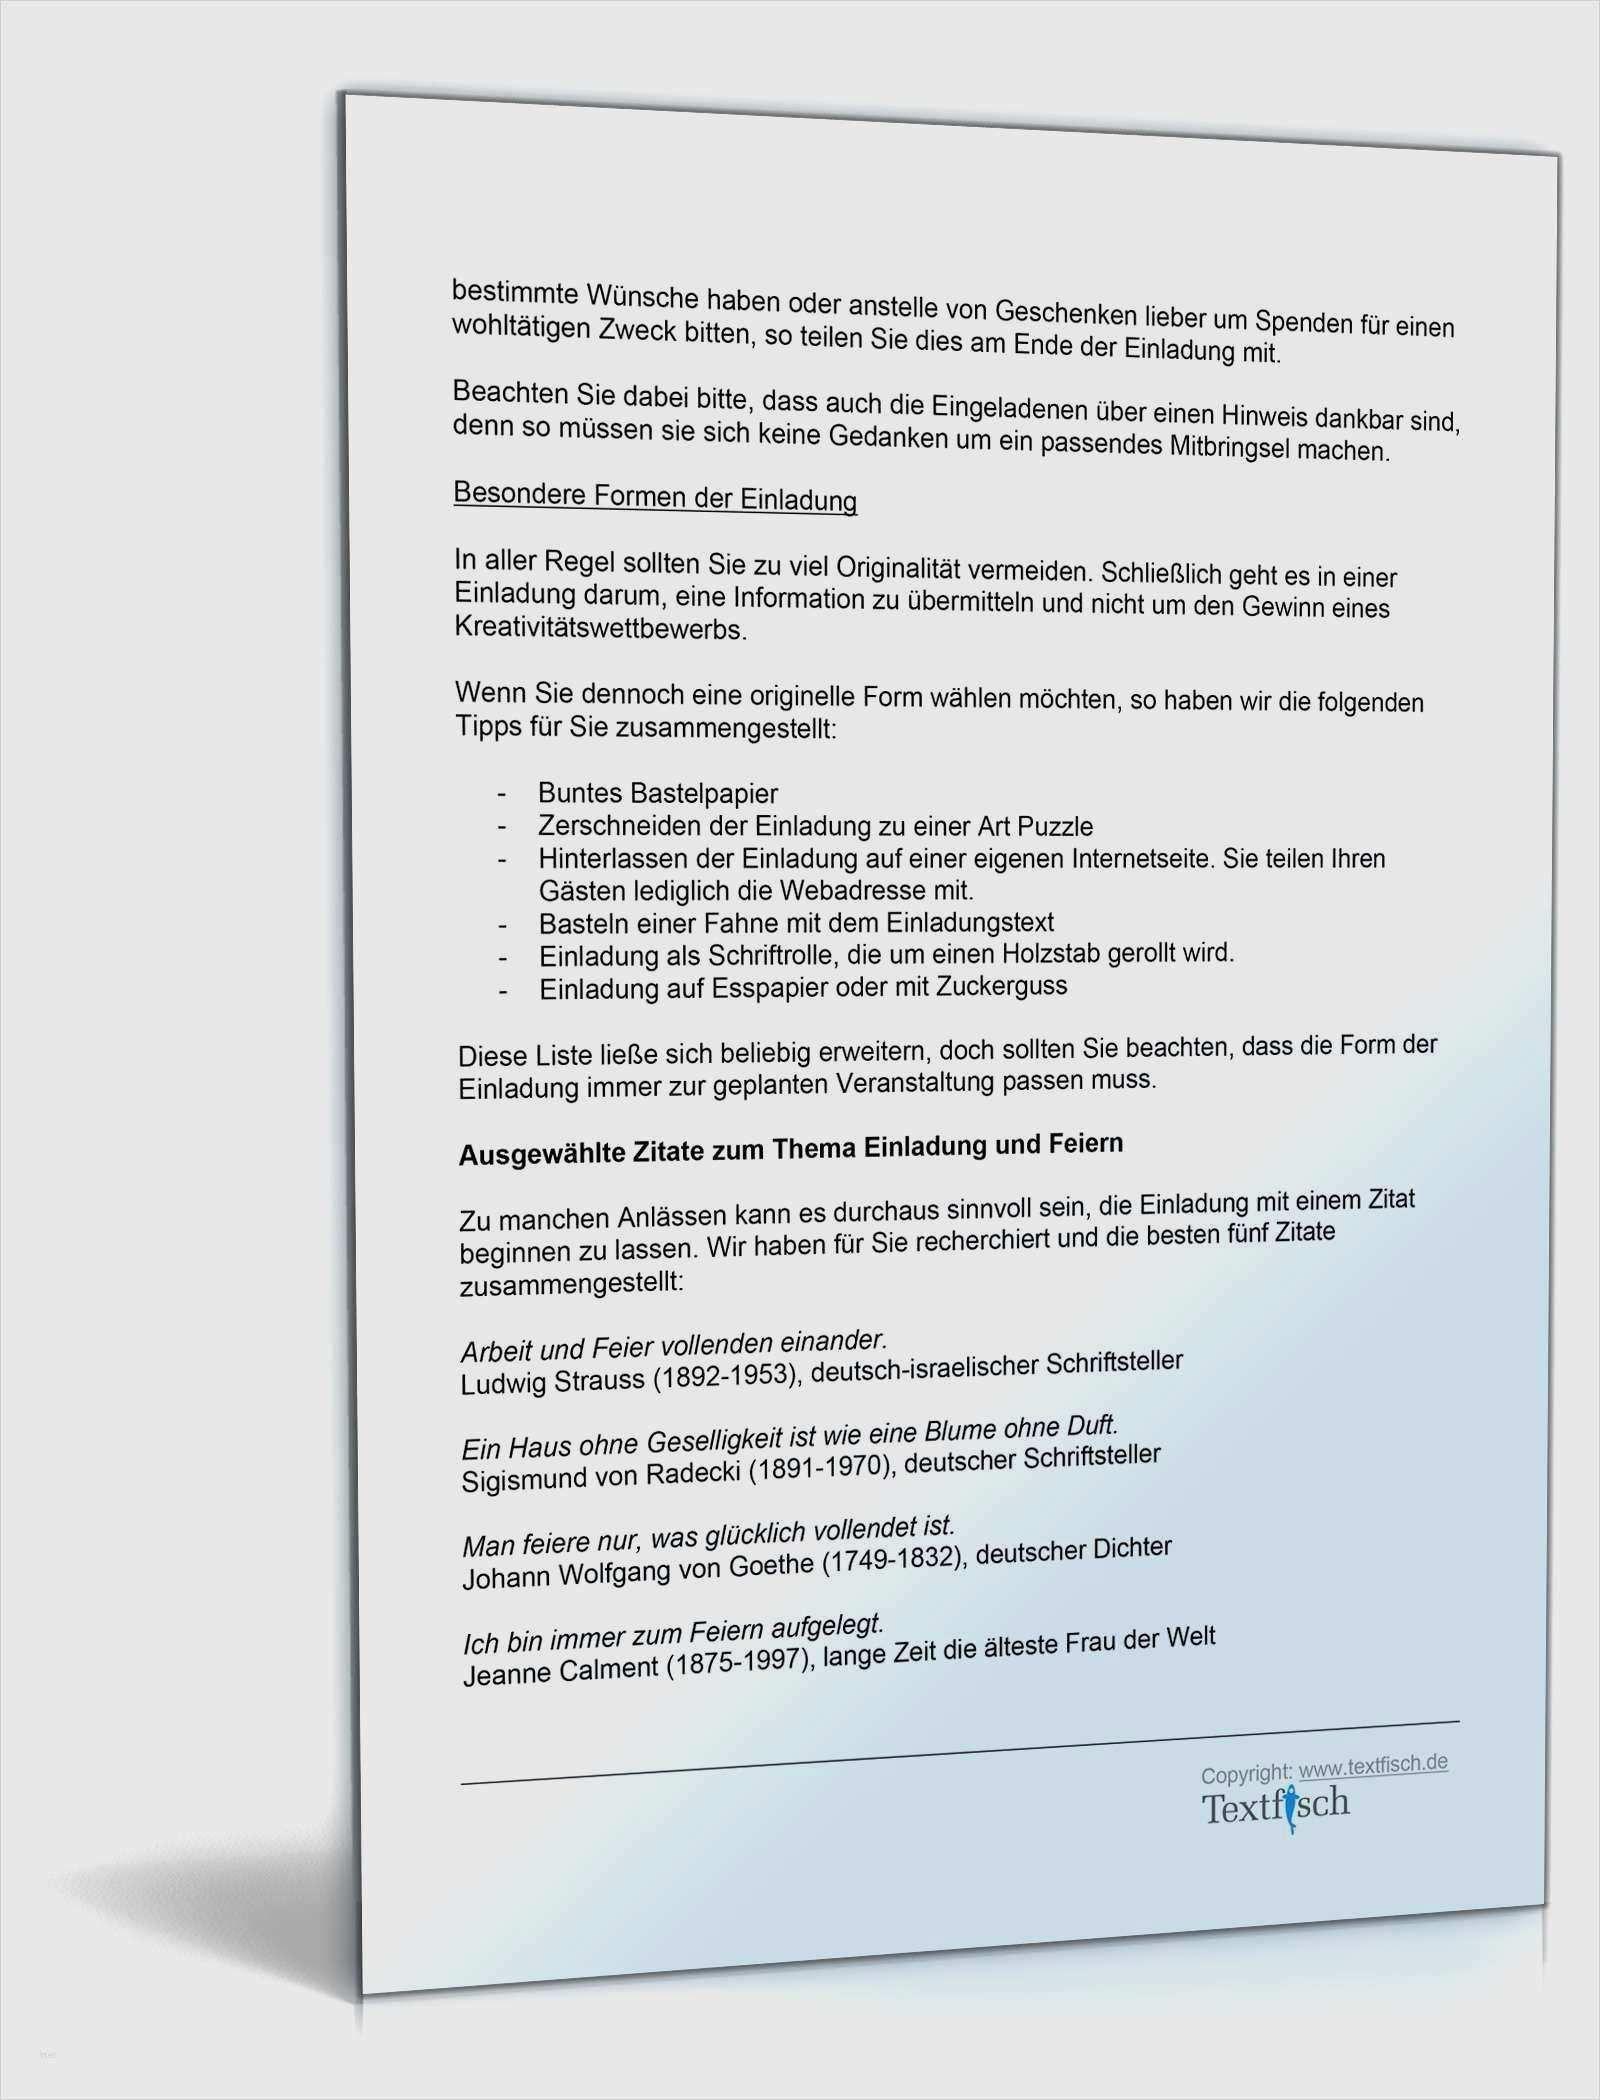 45 Hubsch Formelle Einladung Vorlage Ebendiese Konnen Einstellen Fur Ihre Kreative Ideen In 2020 Einladung Text Einladungstext Einladungen Vorlagen